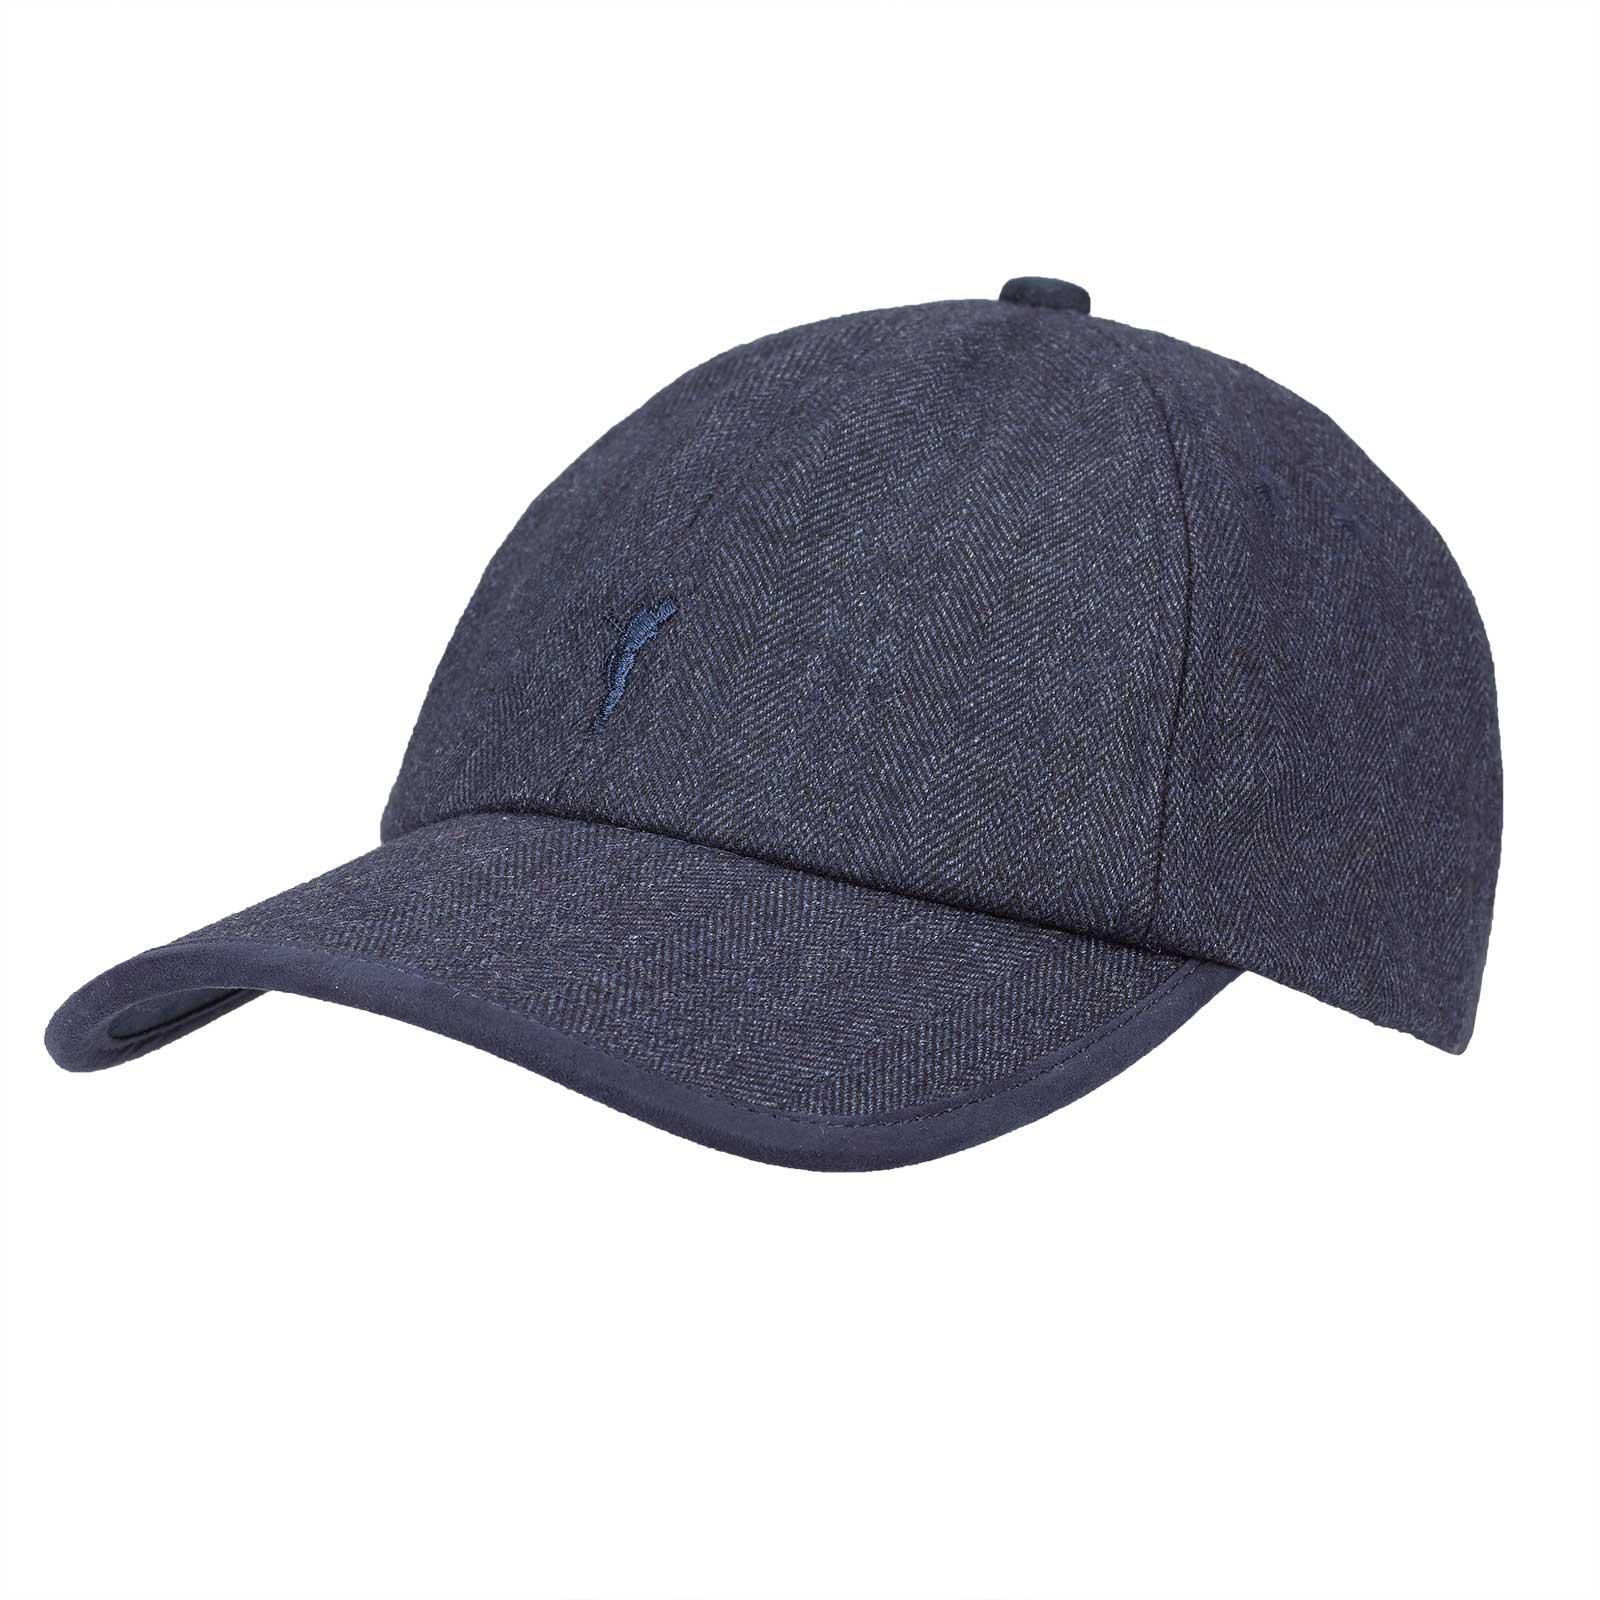 High Tech Herren Funktions-Golfcap mit Fischgrätmuster